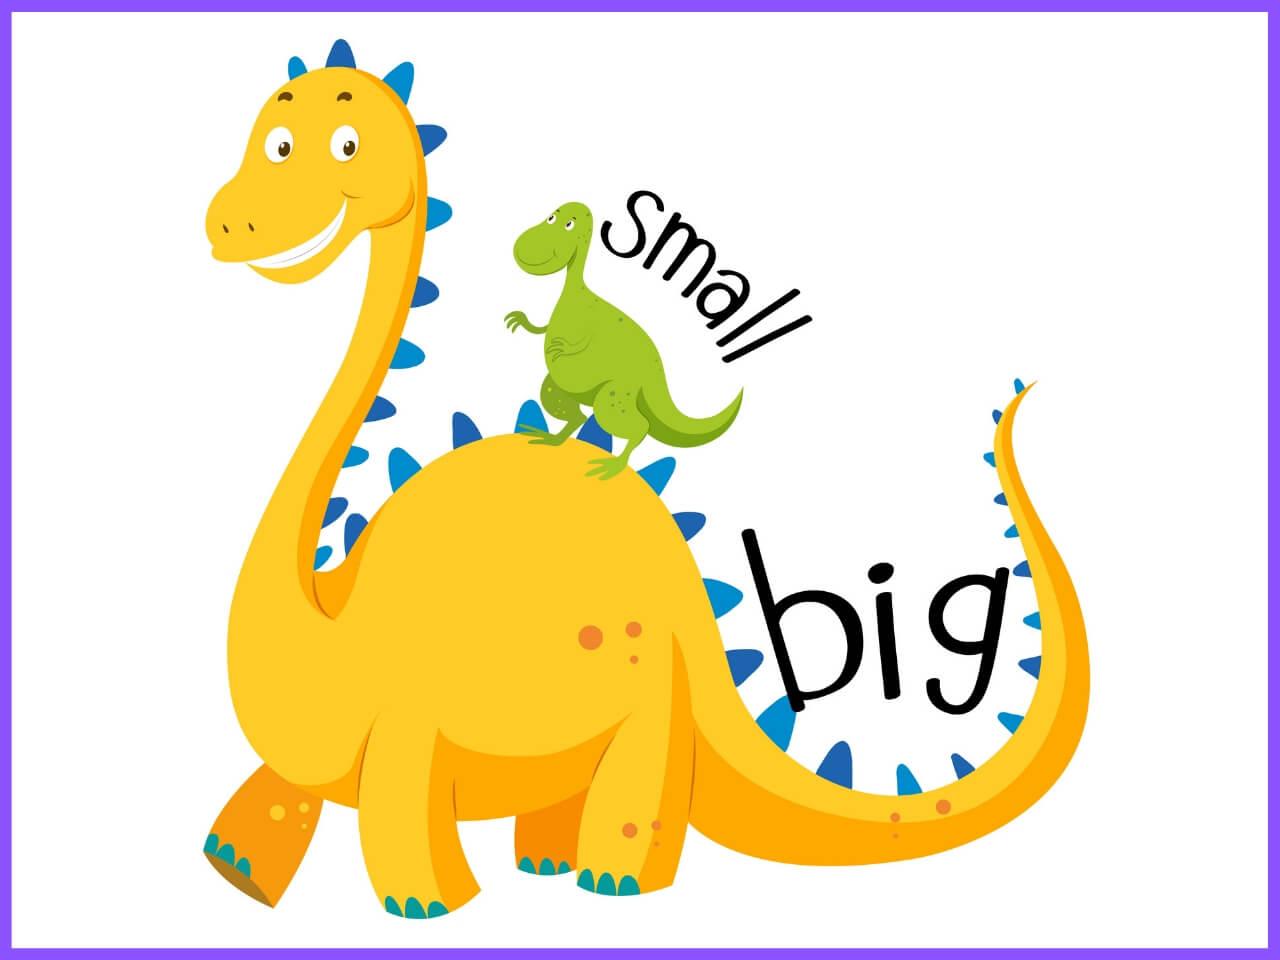 大きな恐竜と小さな恐竜のイラスト